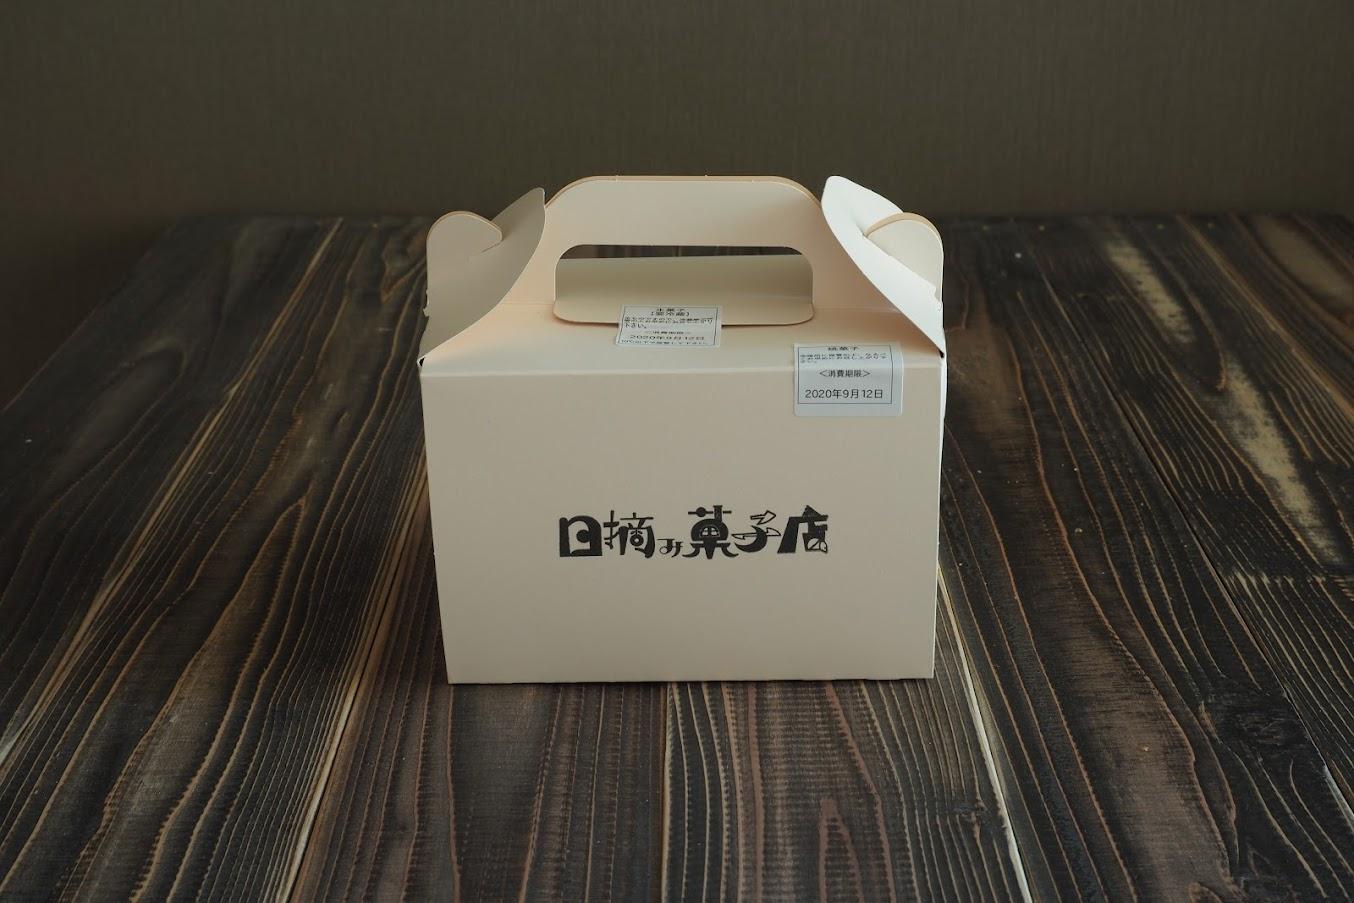 日摘み菓子店の箱